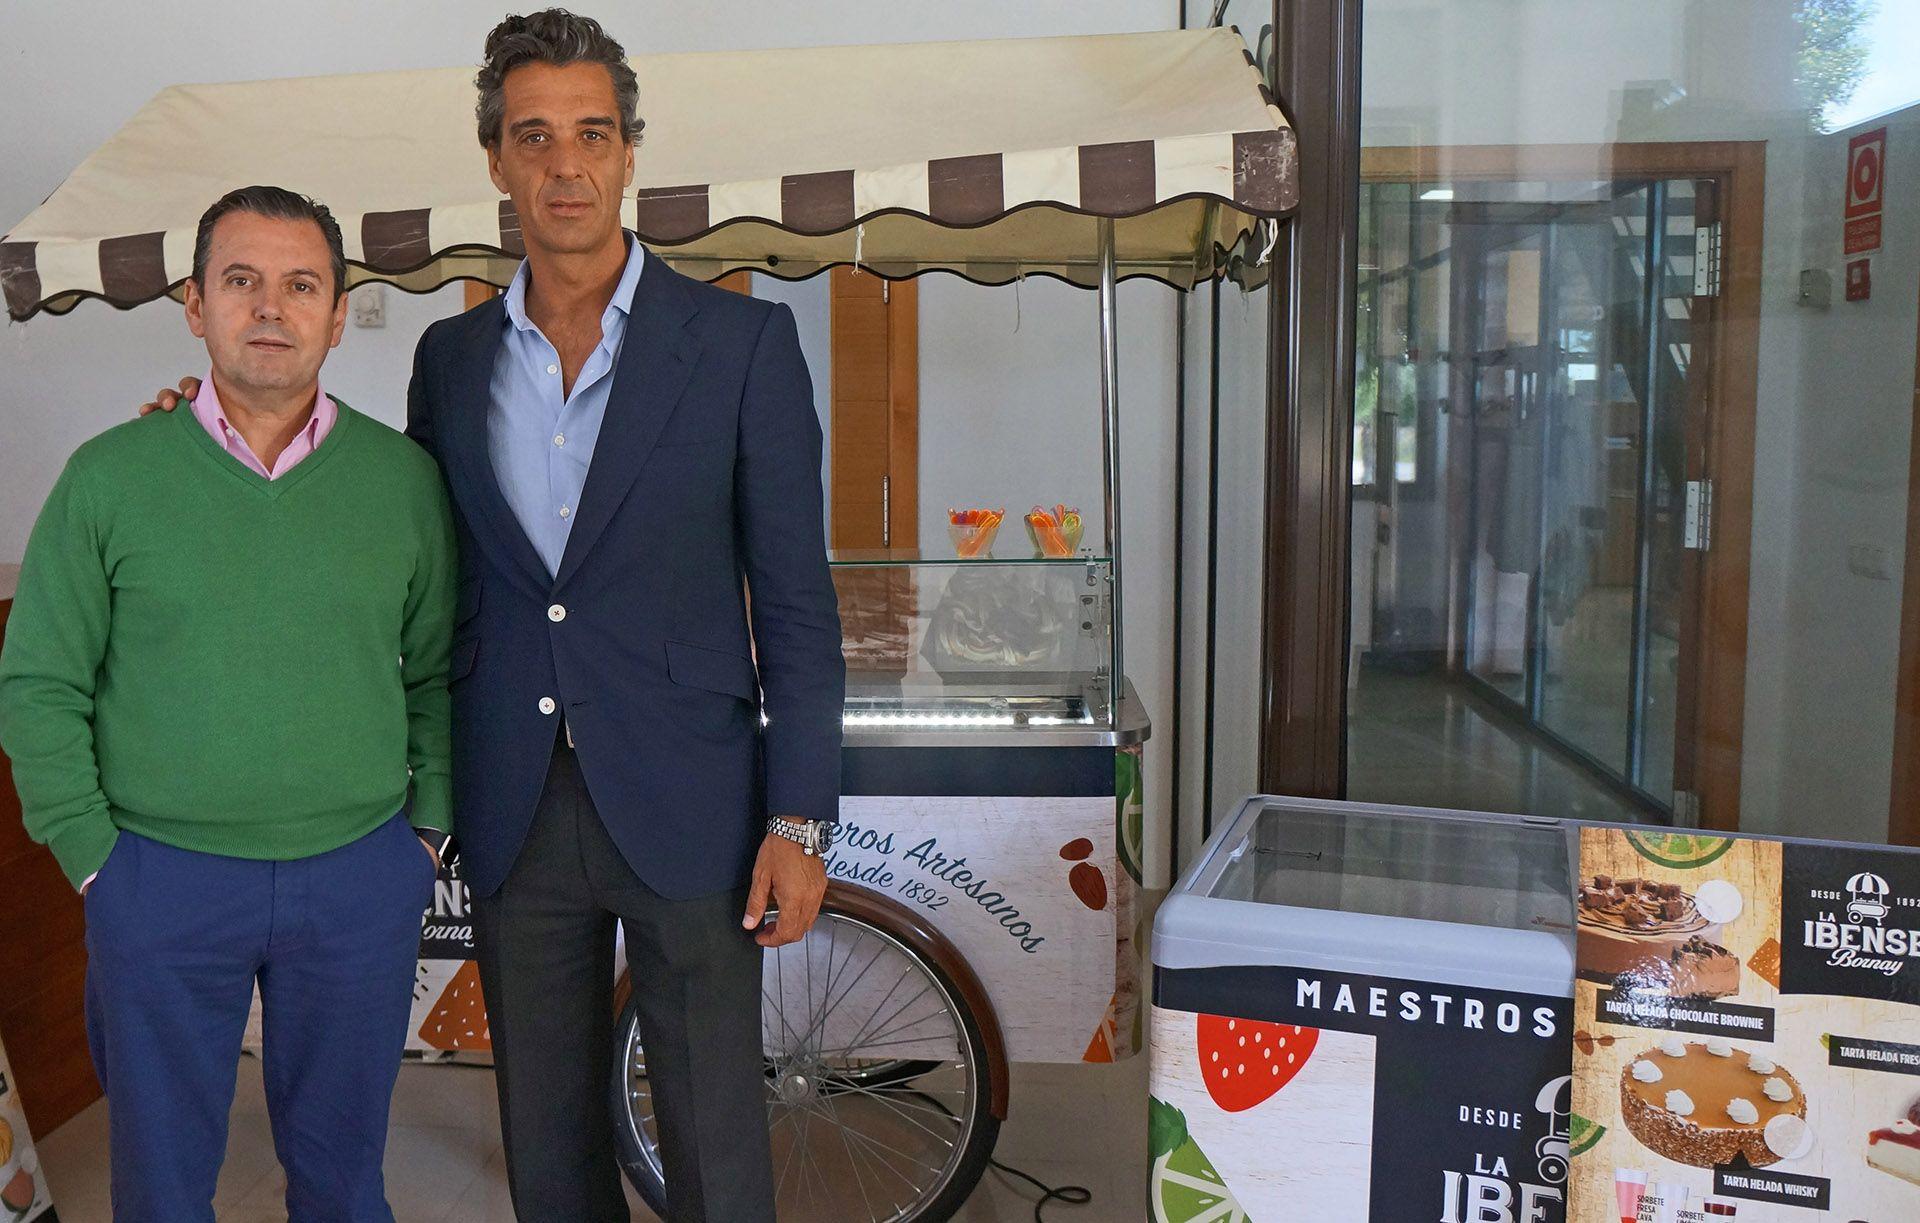 Miguel Tapia, Director General de Tapia Food Service y Patrick Koch Felipe, Director Comercial de La Ibense Bornay